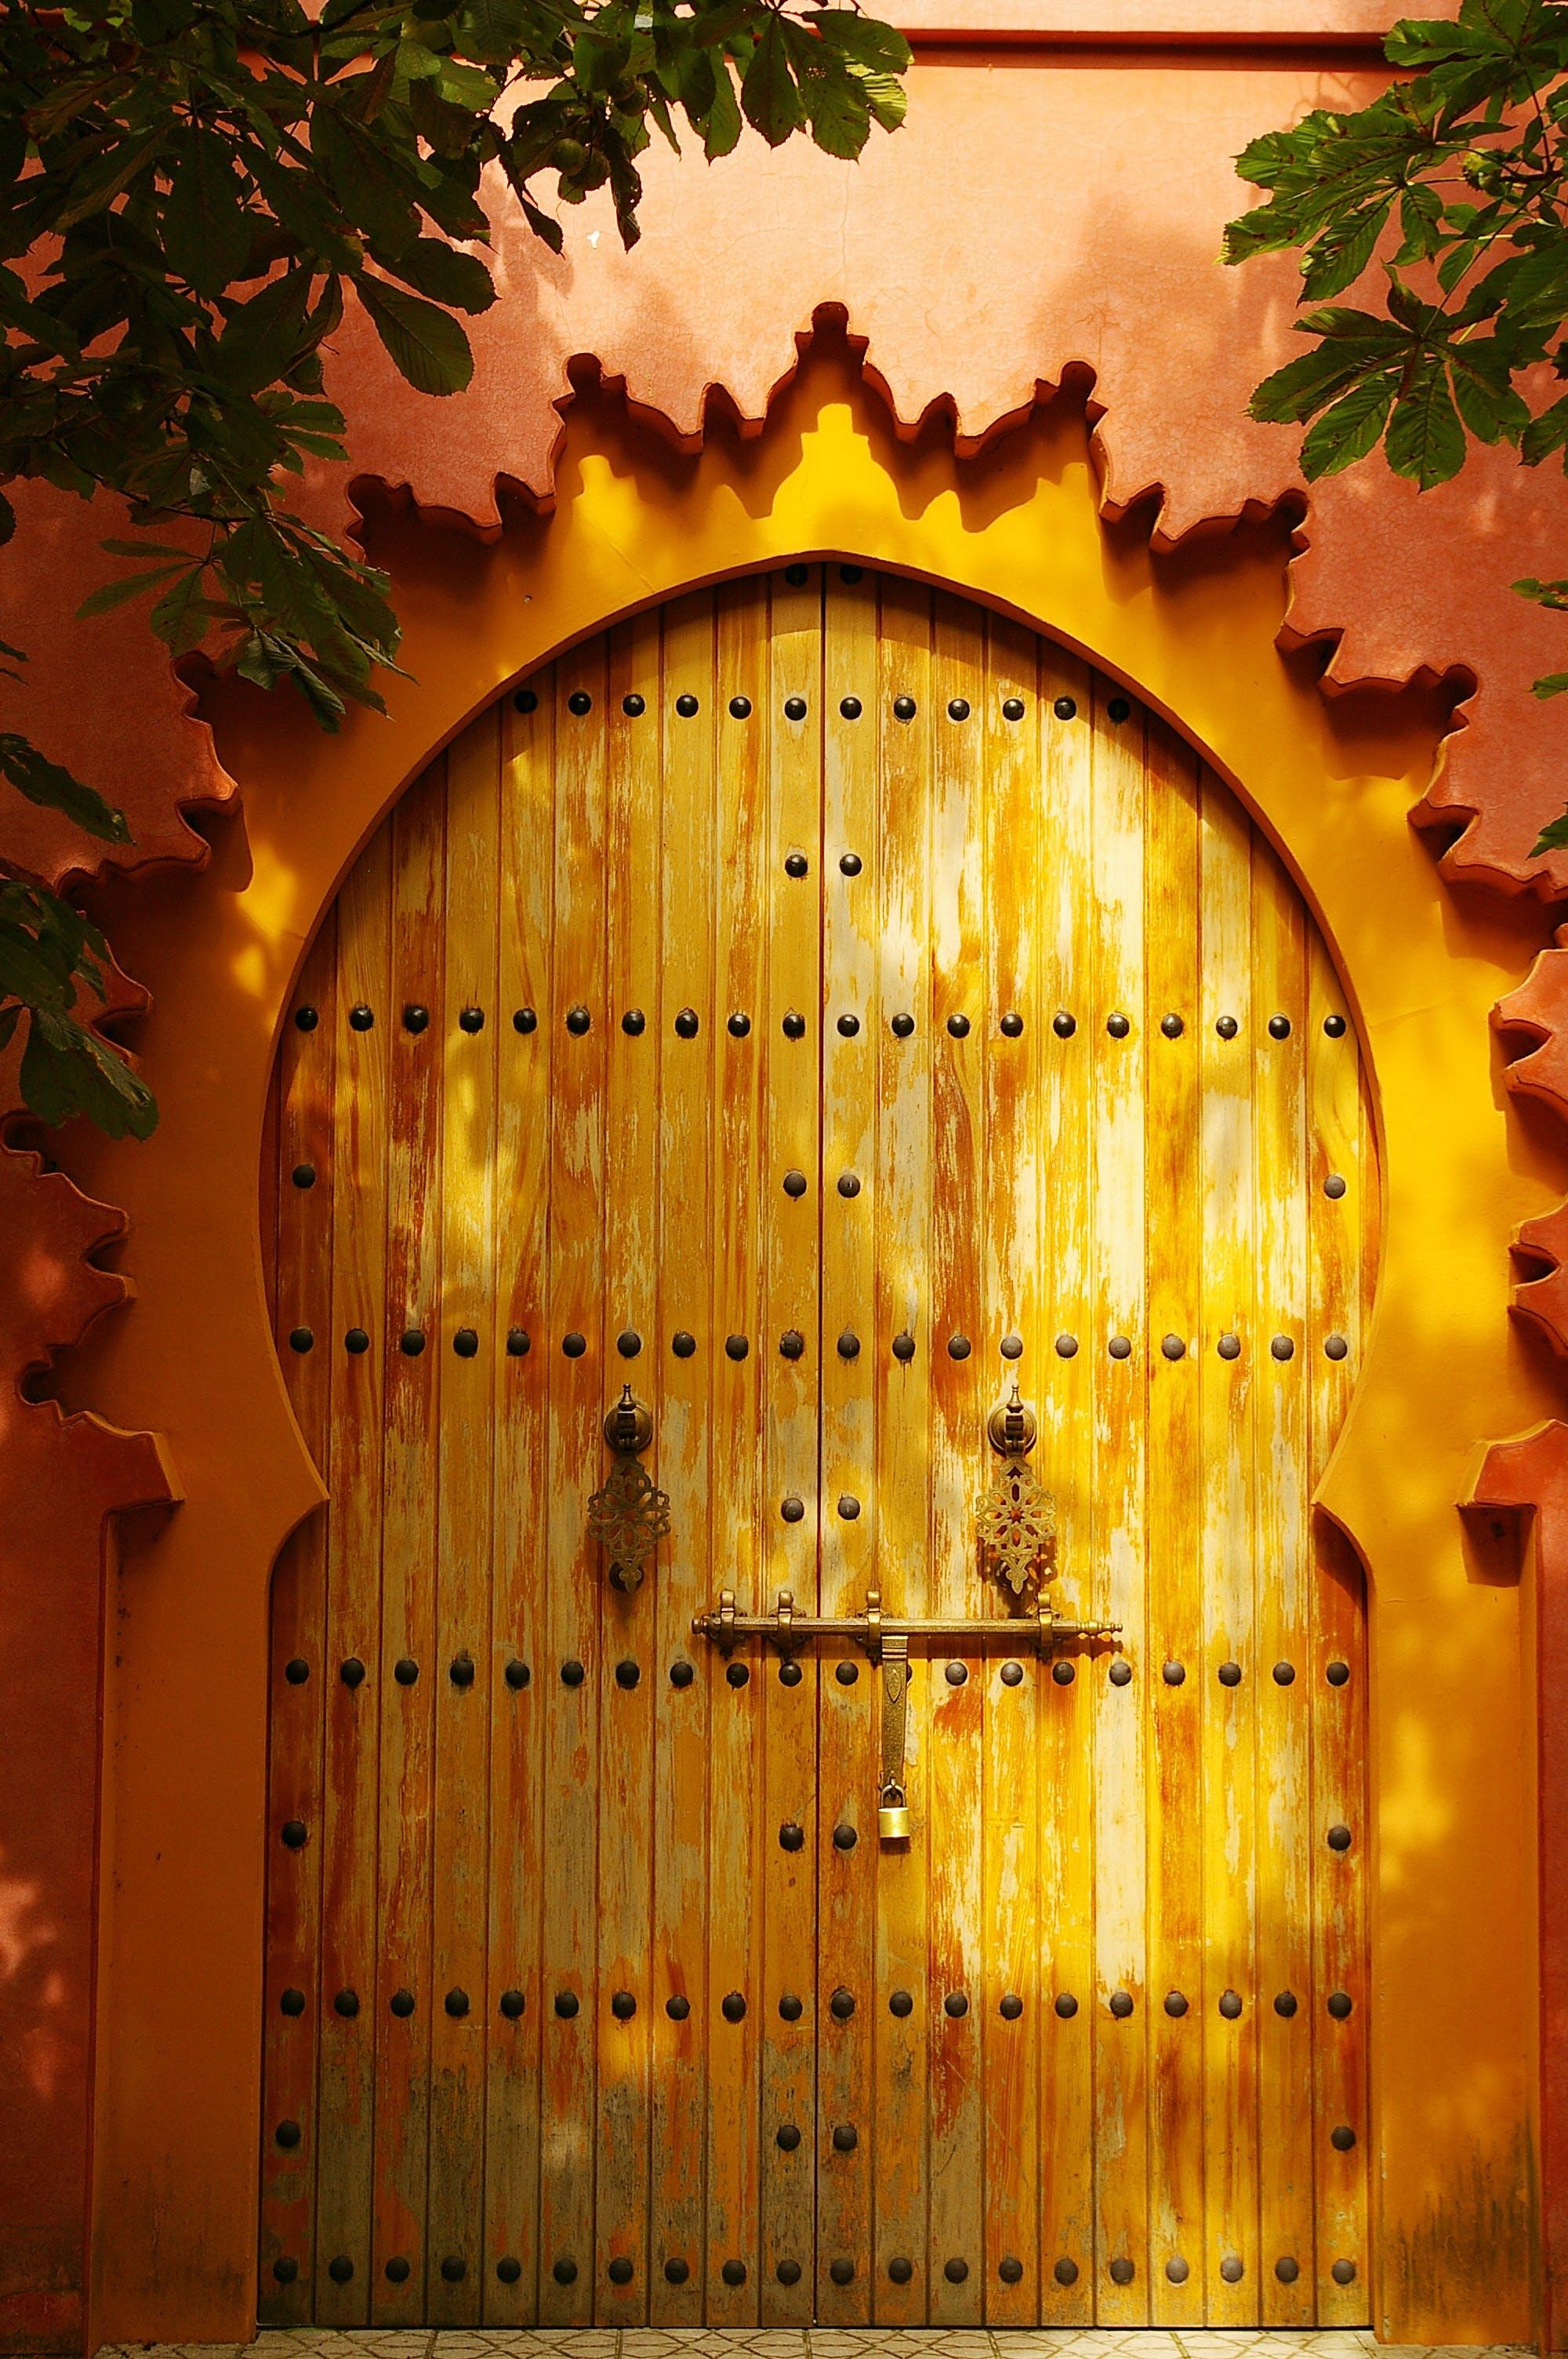 Free stock photo of wood, light, art, pattern